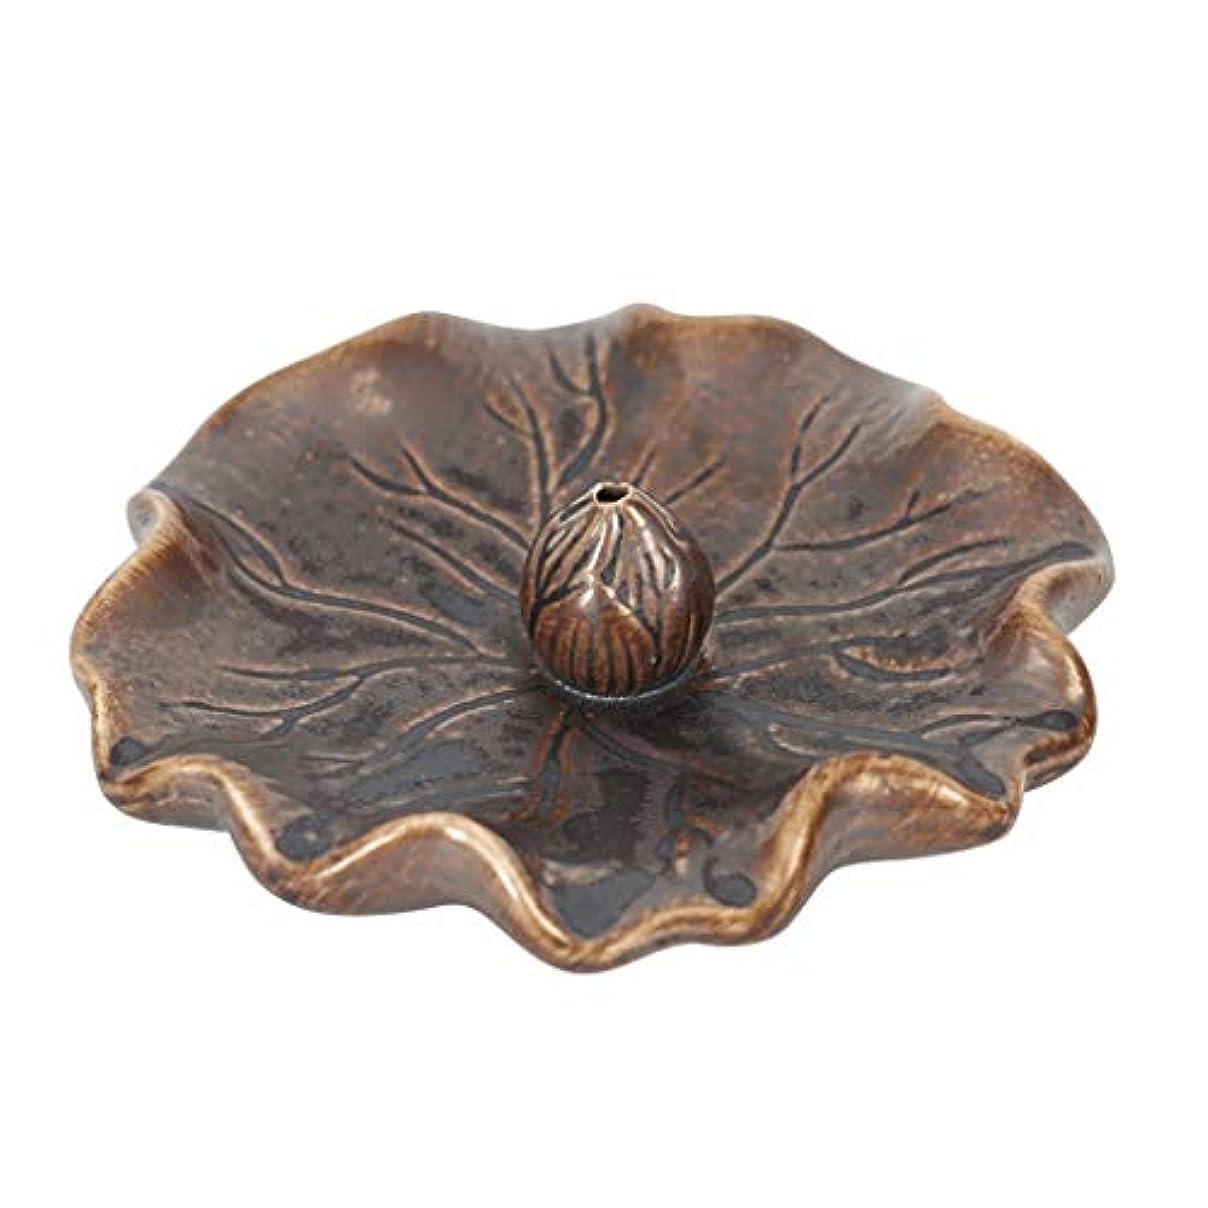 欠伸部間違いライン香バーナー蓮の葉アンティーク香ホルダービャクダン炉ホーム屋内香りの良い皿セラミック香ホルダー (Color : Brass, サイズ : 4.52*1.18inchs)